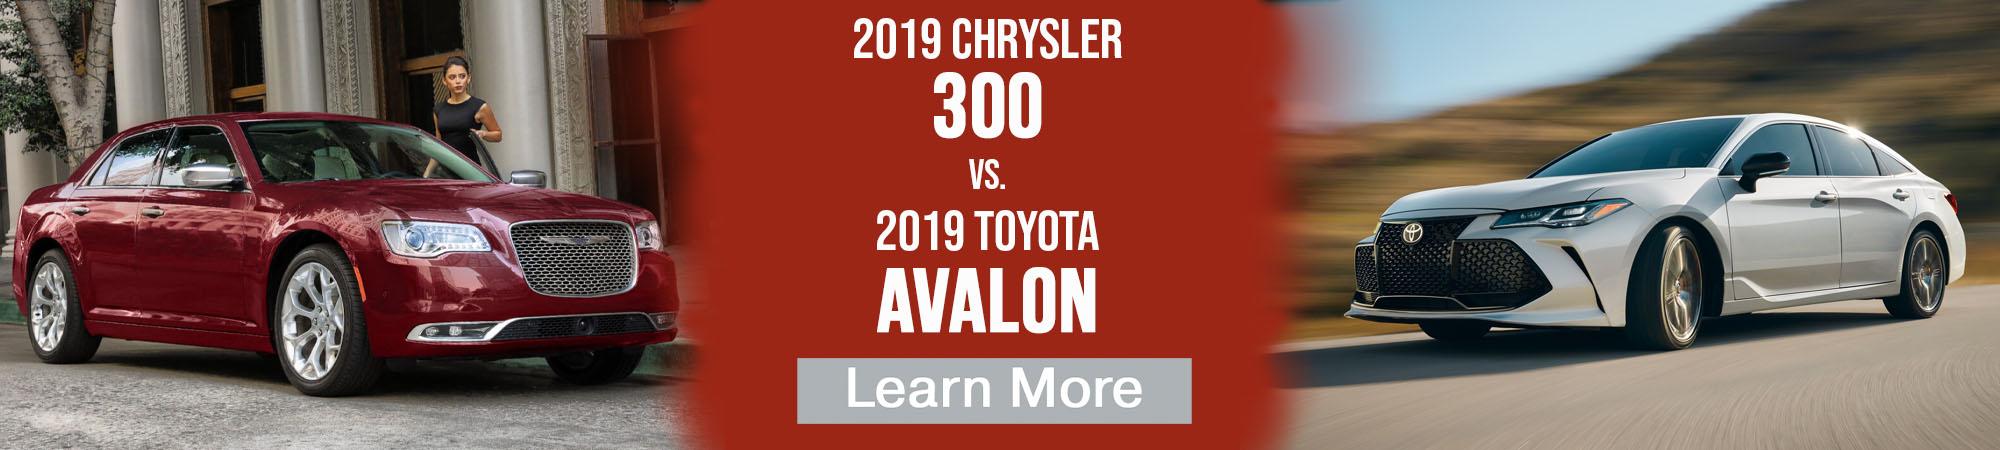 2019 Chrysler 300 vs 2019 Toyota Avalon